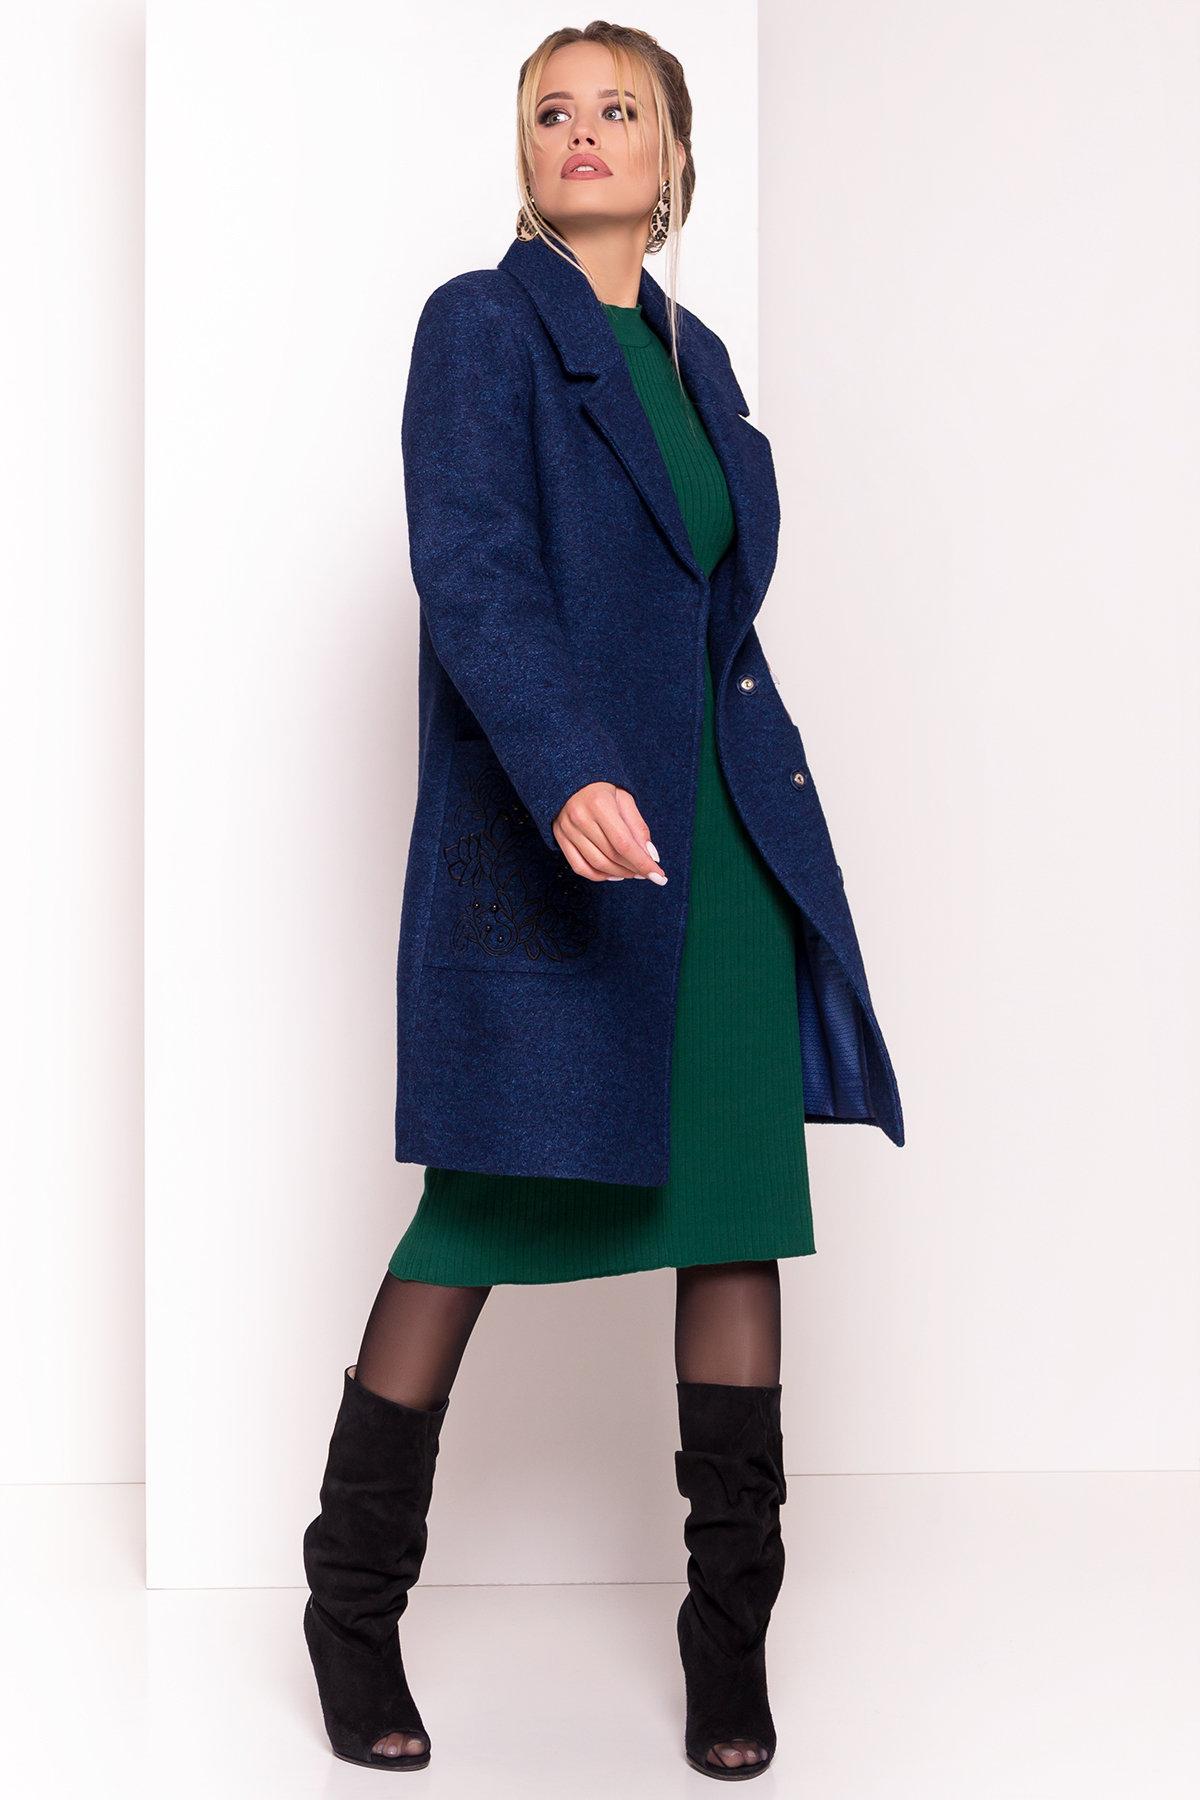 Демисезонное пальто из варенной шерсти Милена 5273 АРТ. 37590 Цвет: Т.синий/электрик-LW27 - фото 3, интернет магазин tm-modus.ru